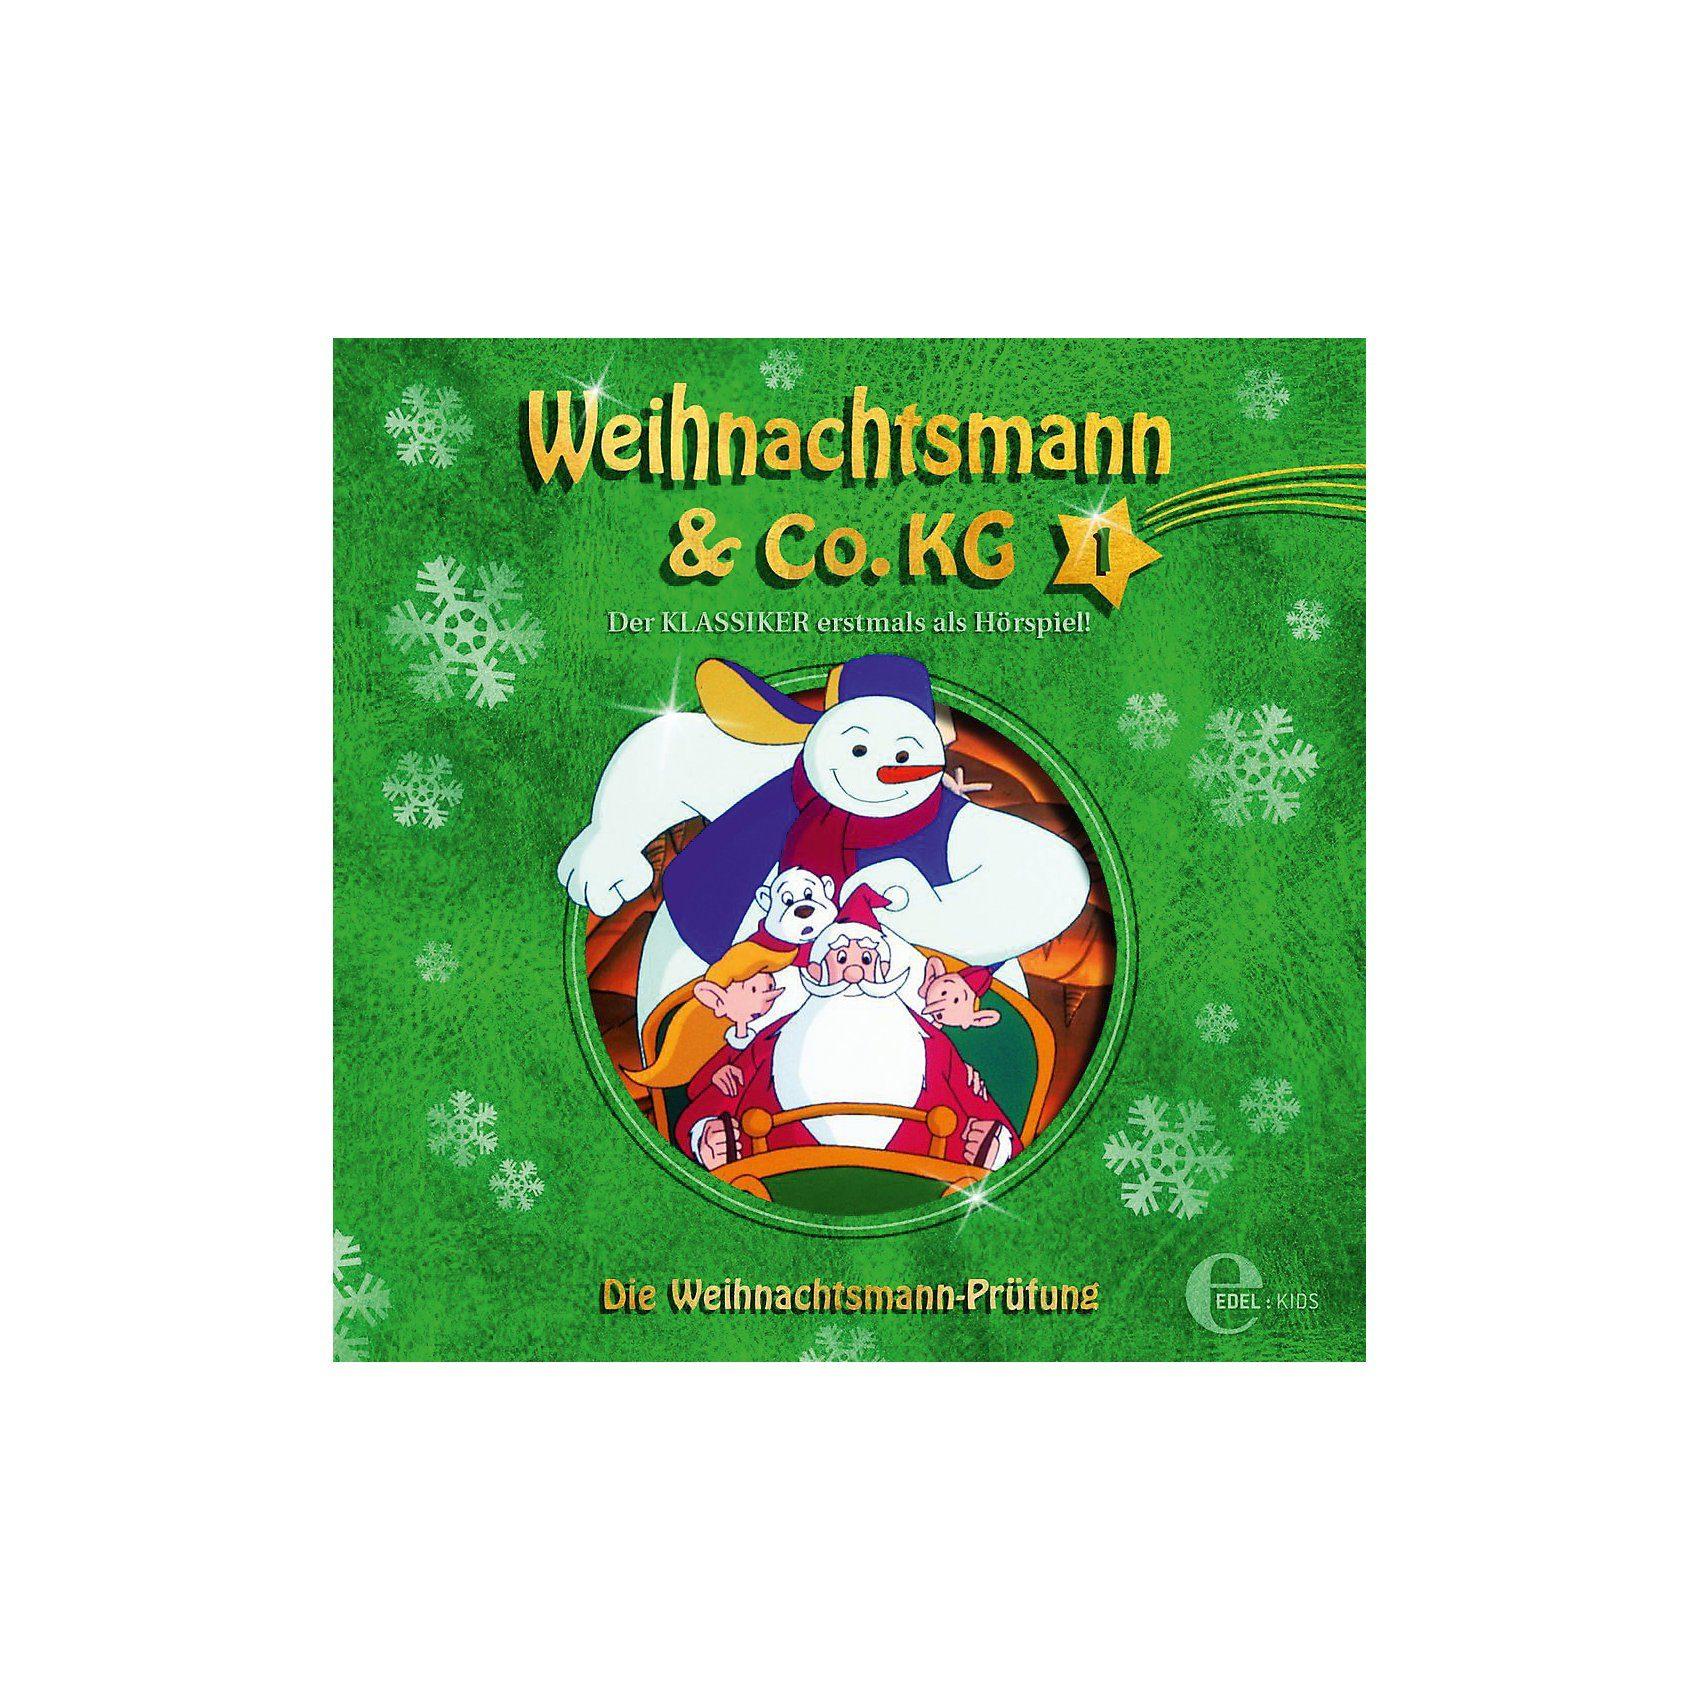 Edel CD Weihnachtsmann & Co.KG 1 - Die Weihnachtsmann-Prüfung